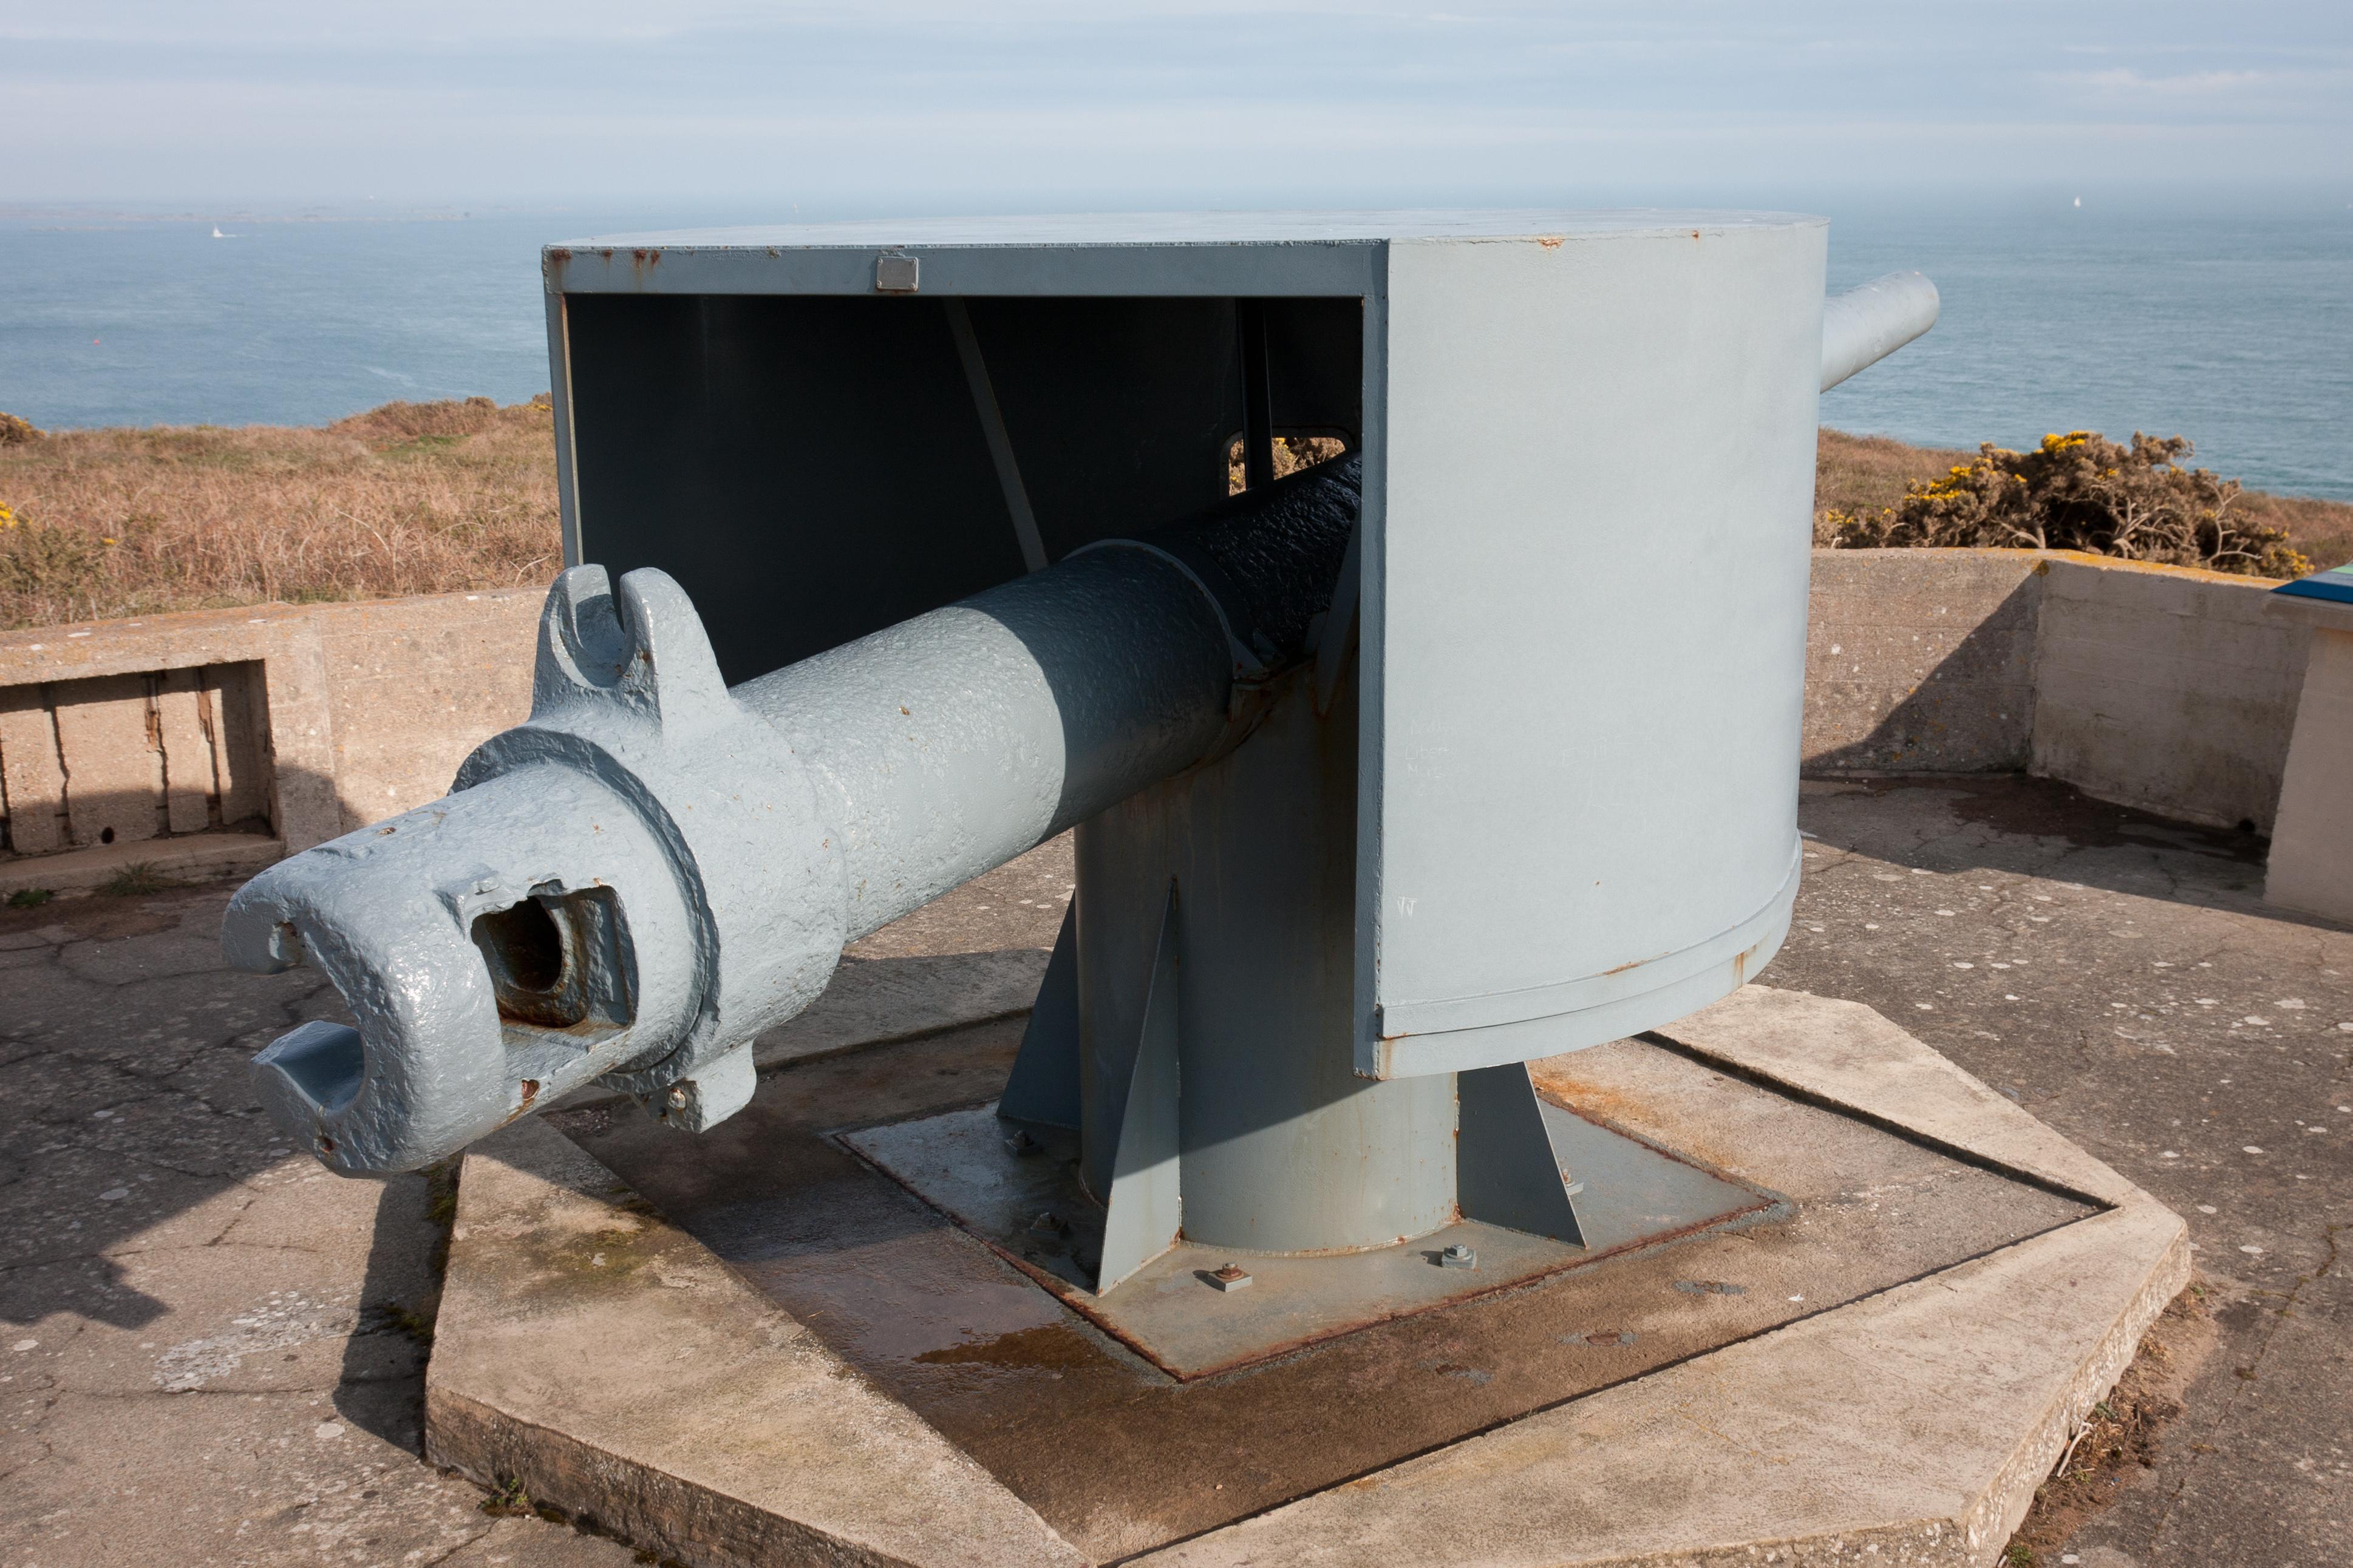 28 cm SK L/40 gun